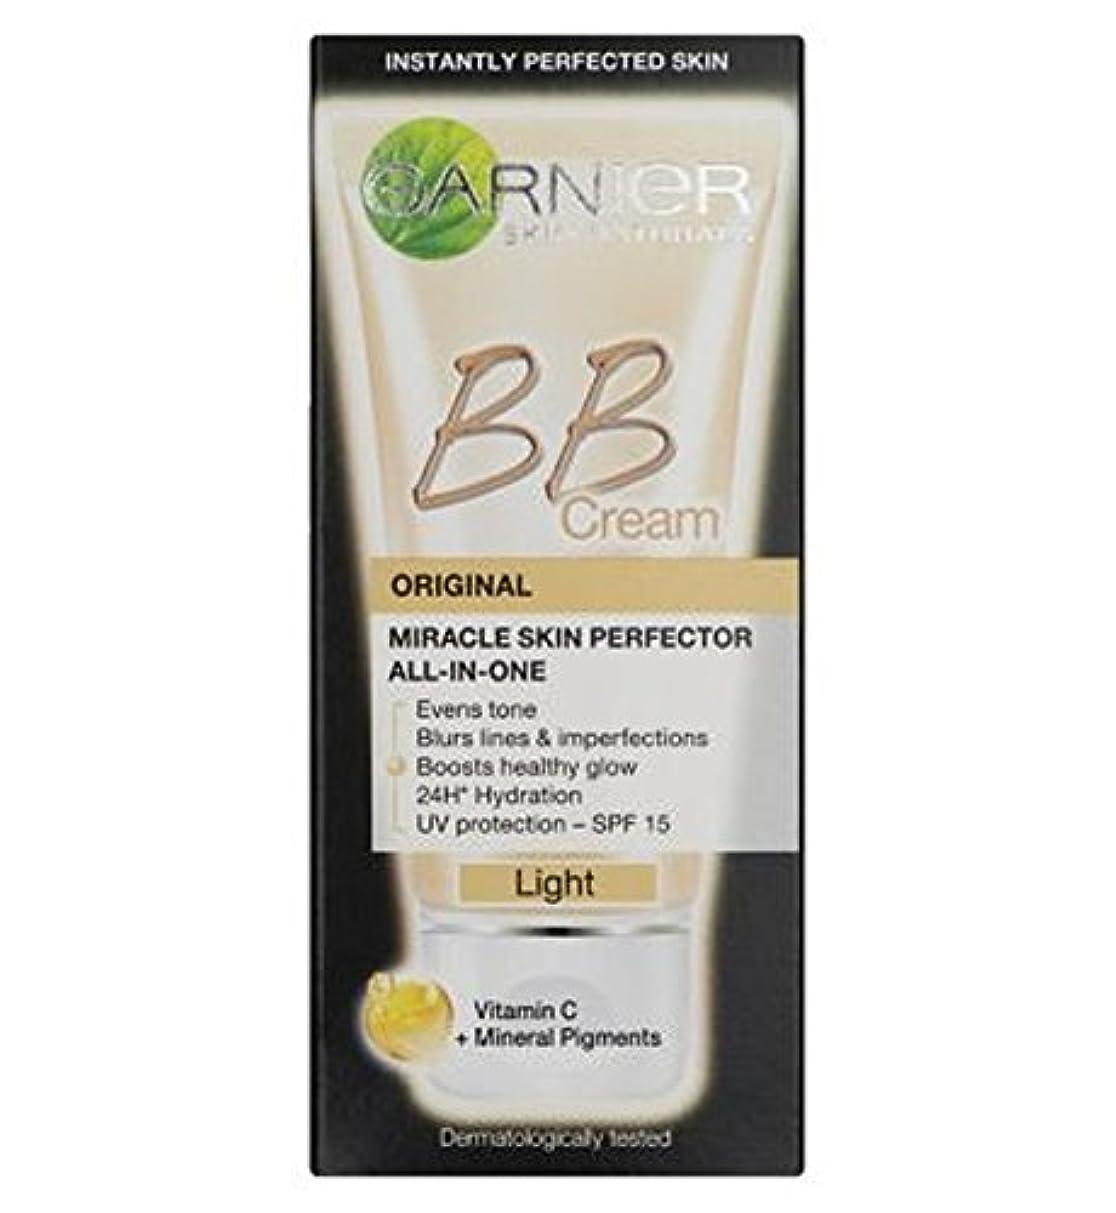 糸青メダリストGarnier Skin Perfector Daily All-In-One B.B. Blemish Balm Cream Light 50ml - 毎日オールインワンB.B.ガルニエスキンパーフェク傷バームクリームライト...